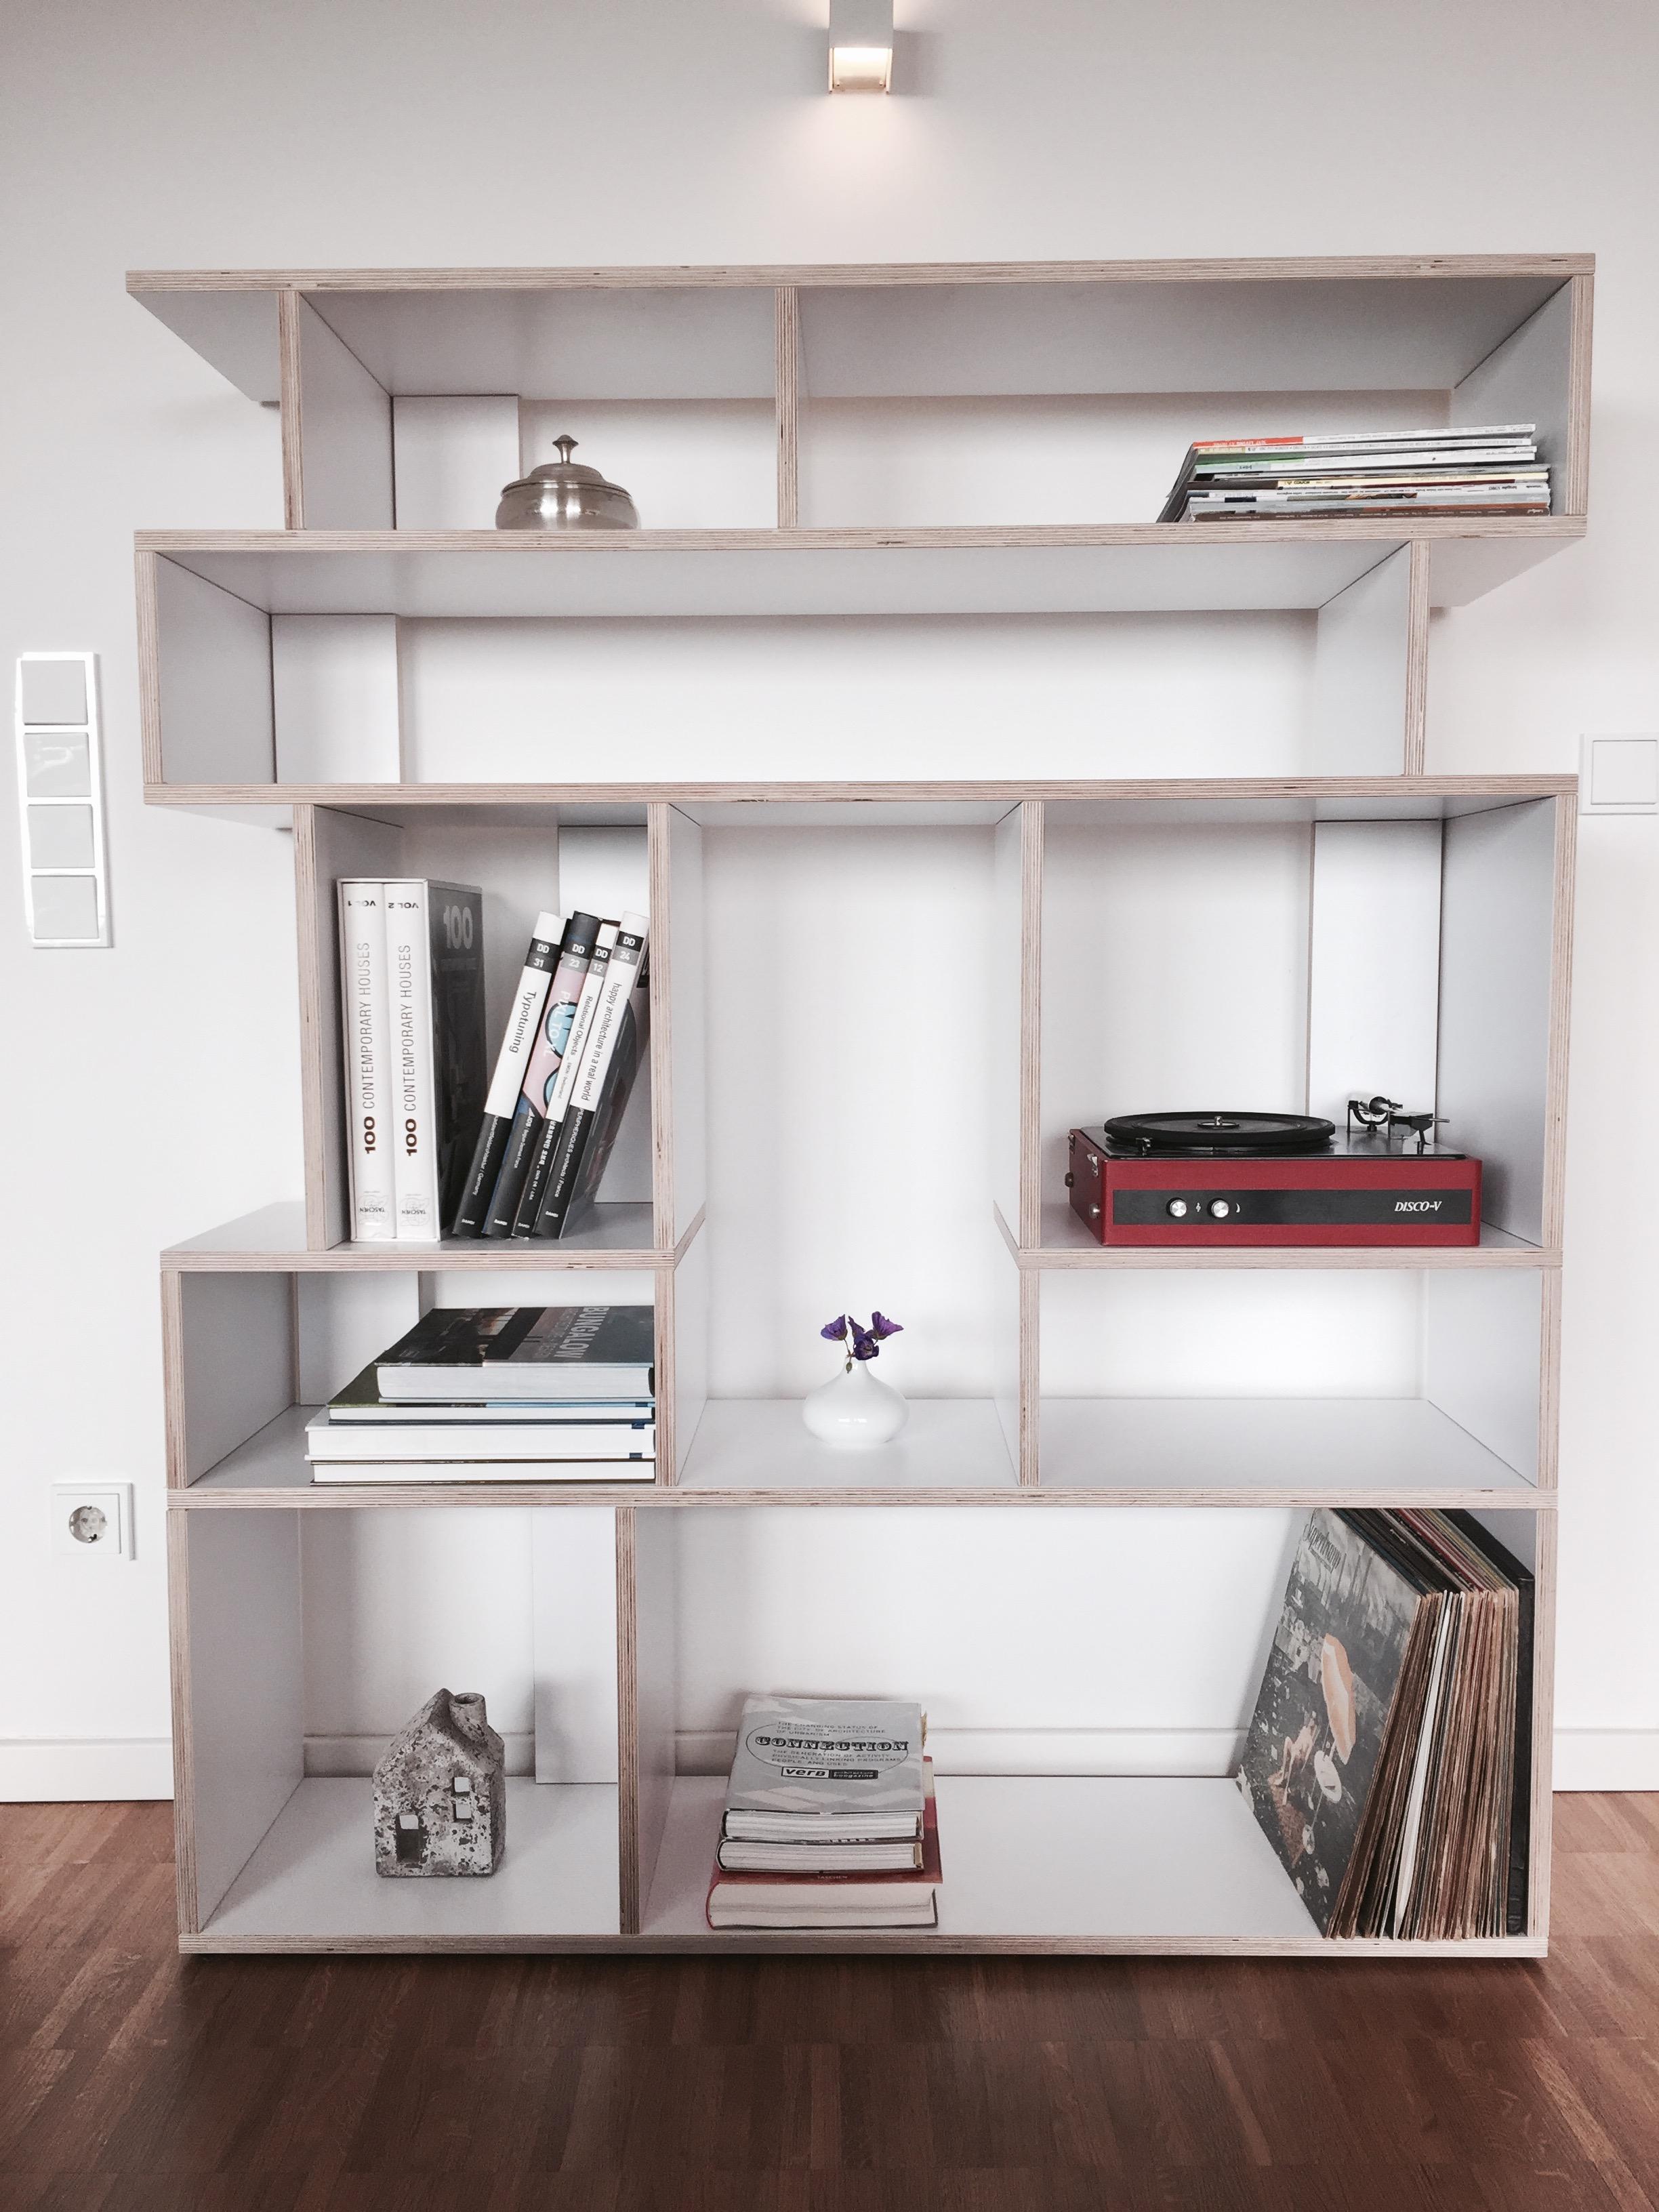 Tylko, interior design, tylko review, customized shelf, interior Inso, Vienna blogger, HankGe, Hank Ge, fashion blog, men blog, wien, Vienna , lifestyle Blog, menblog , Vienna blogger, wien blog, lifestyle blog